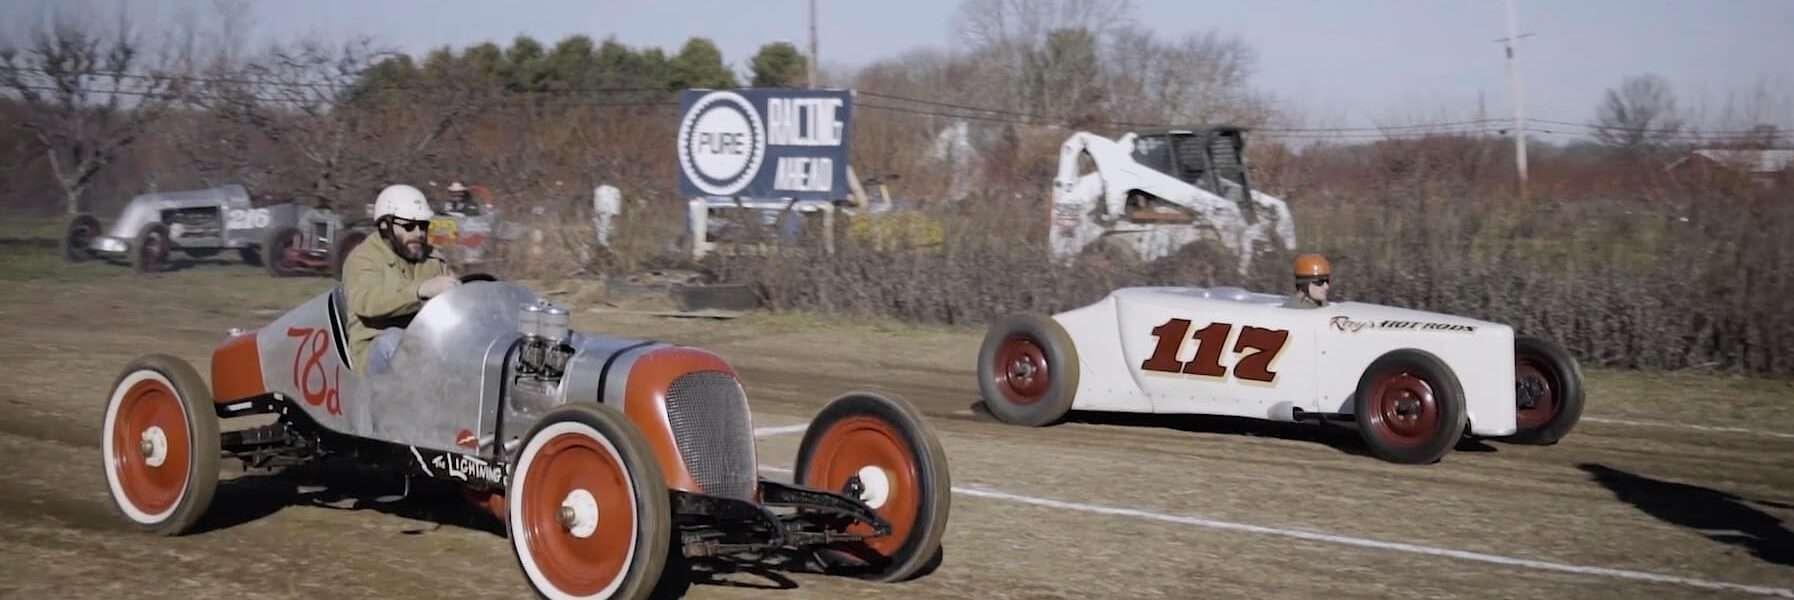 PURE Vintage Race begins